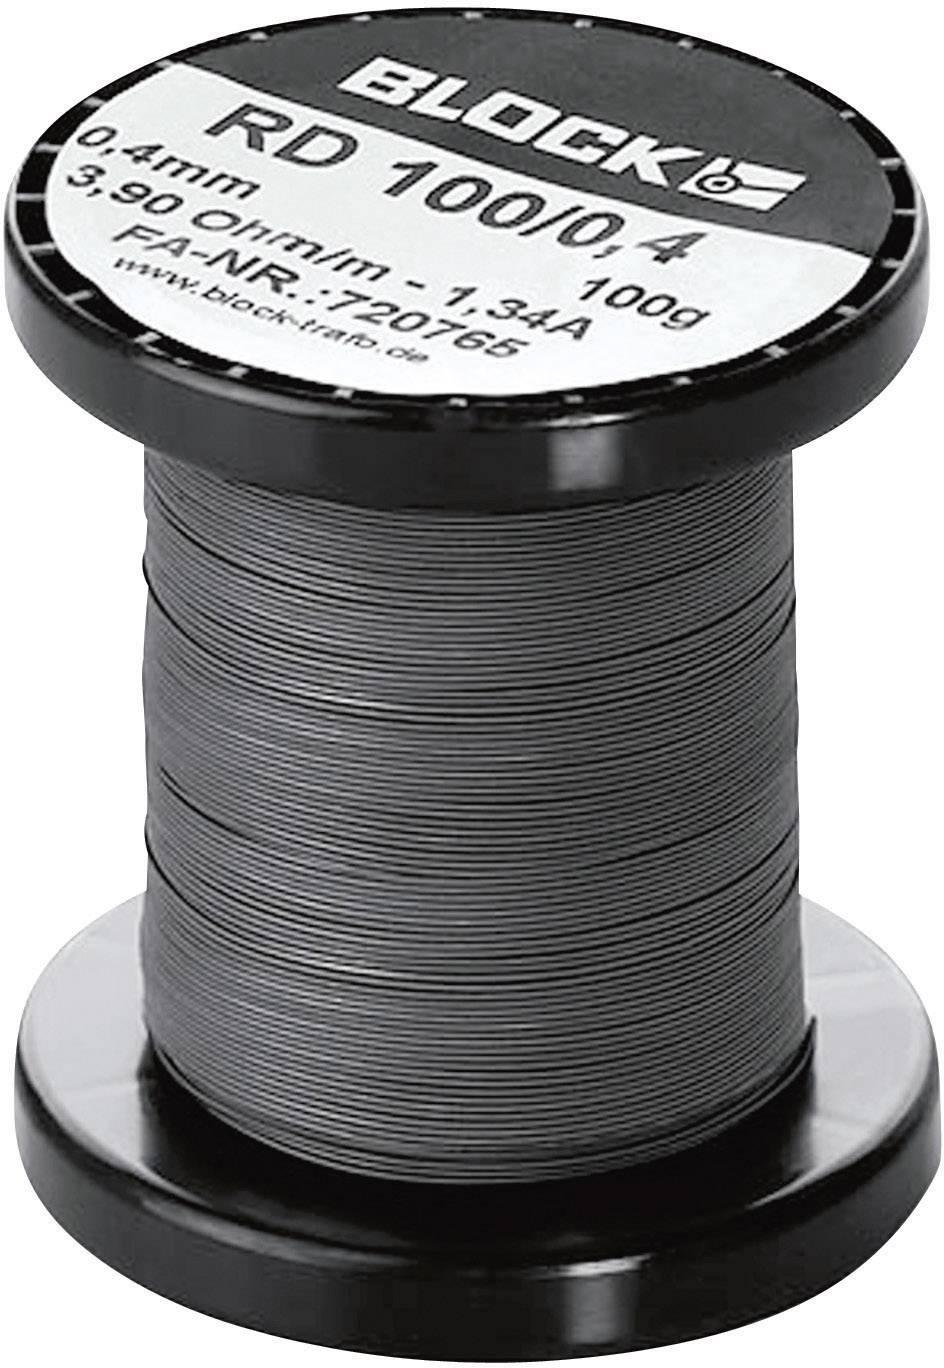 Odporový drôt Block RD 100/0,1, 62.4 Ω/m, 1430 m